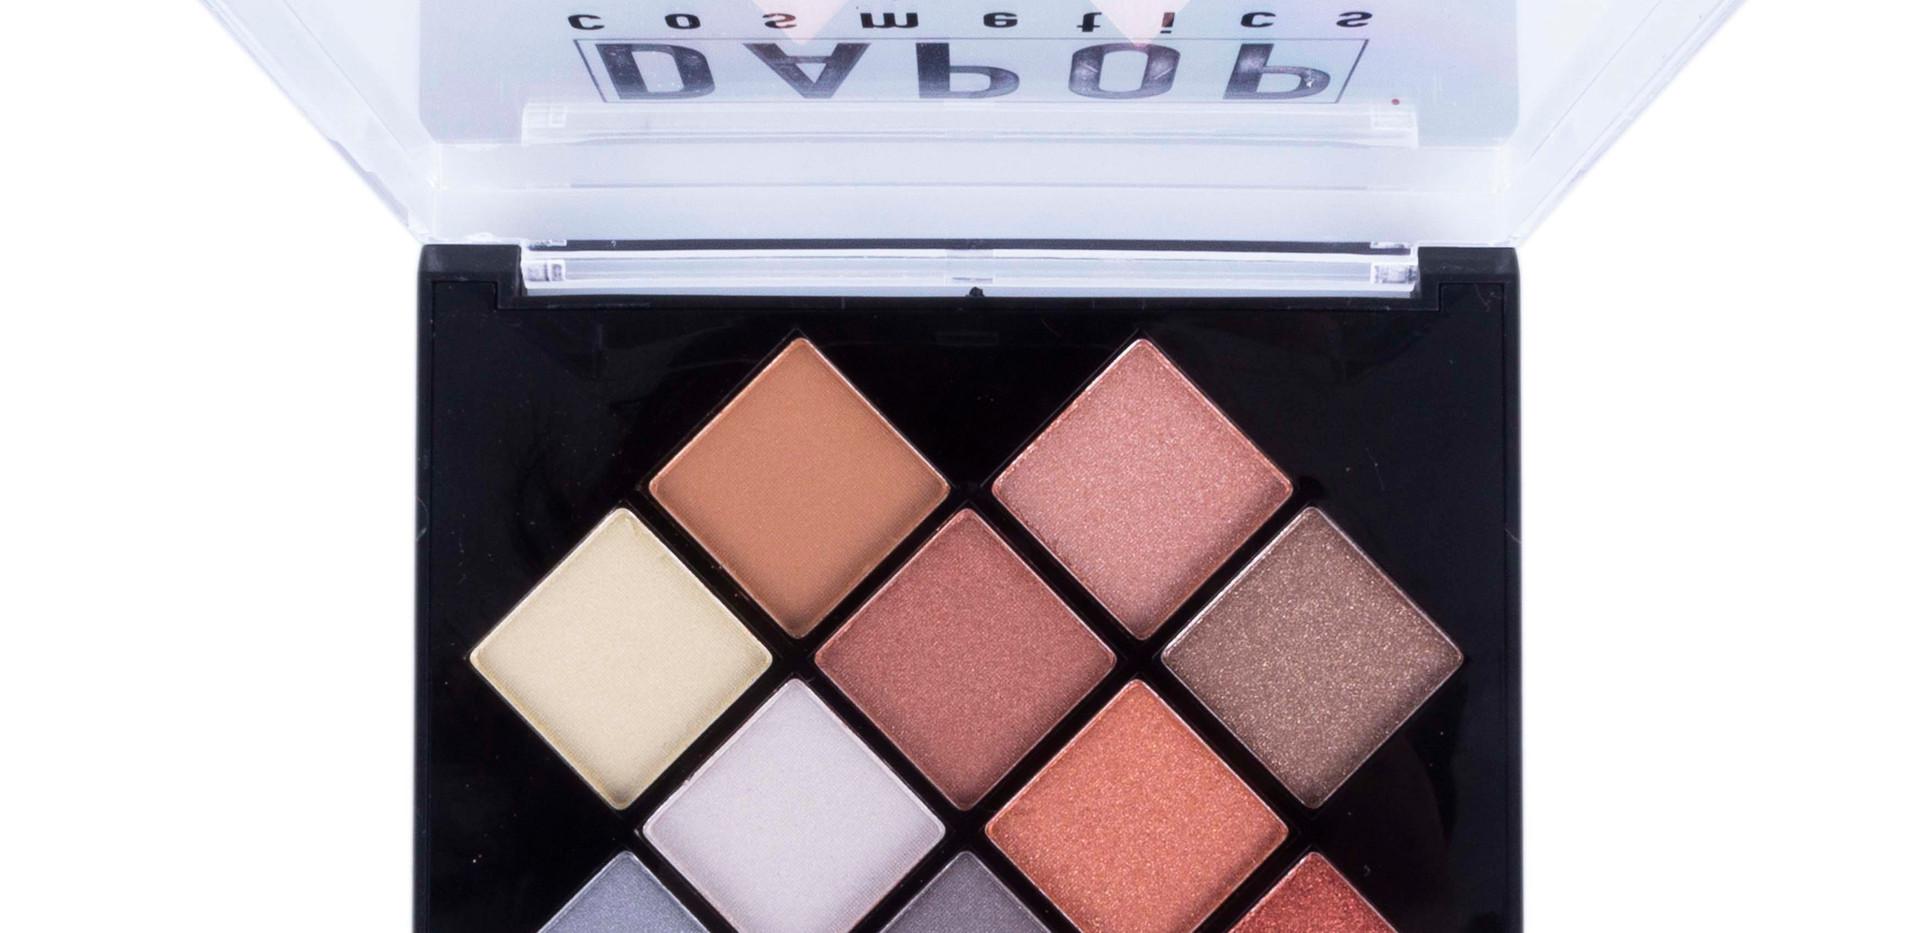 Paleta de Sombras 12 Cores Dapop - HB96726 (cor 2)